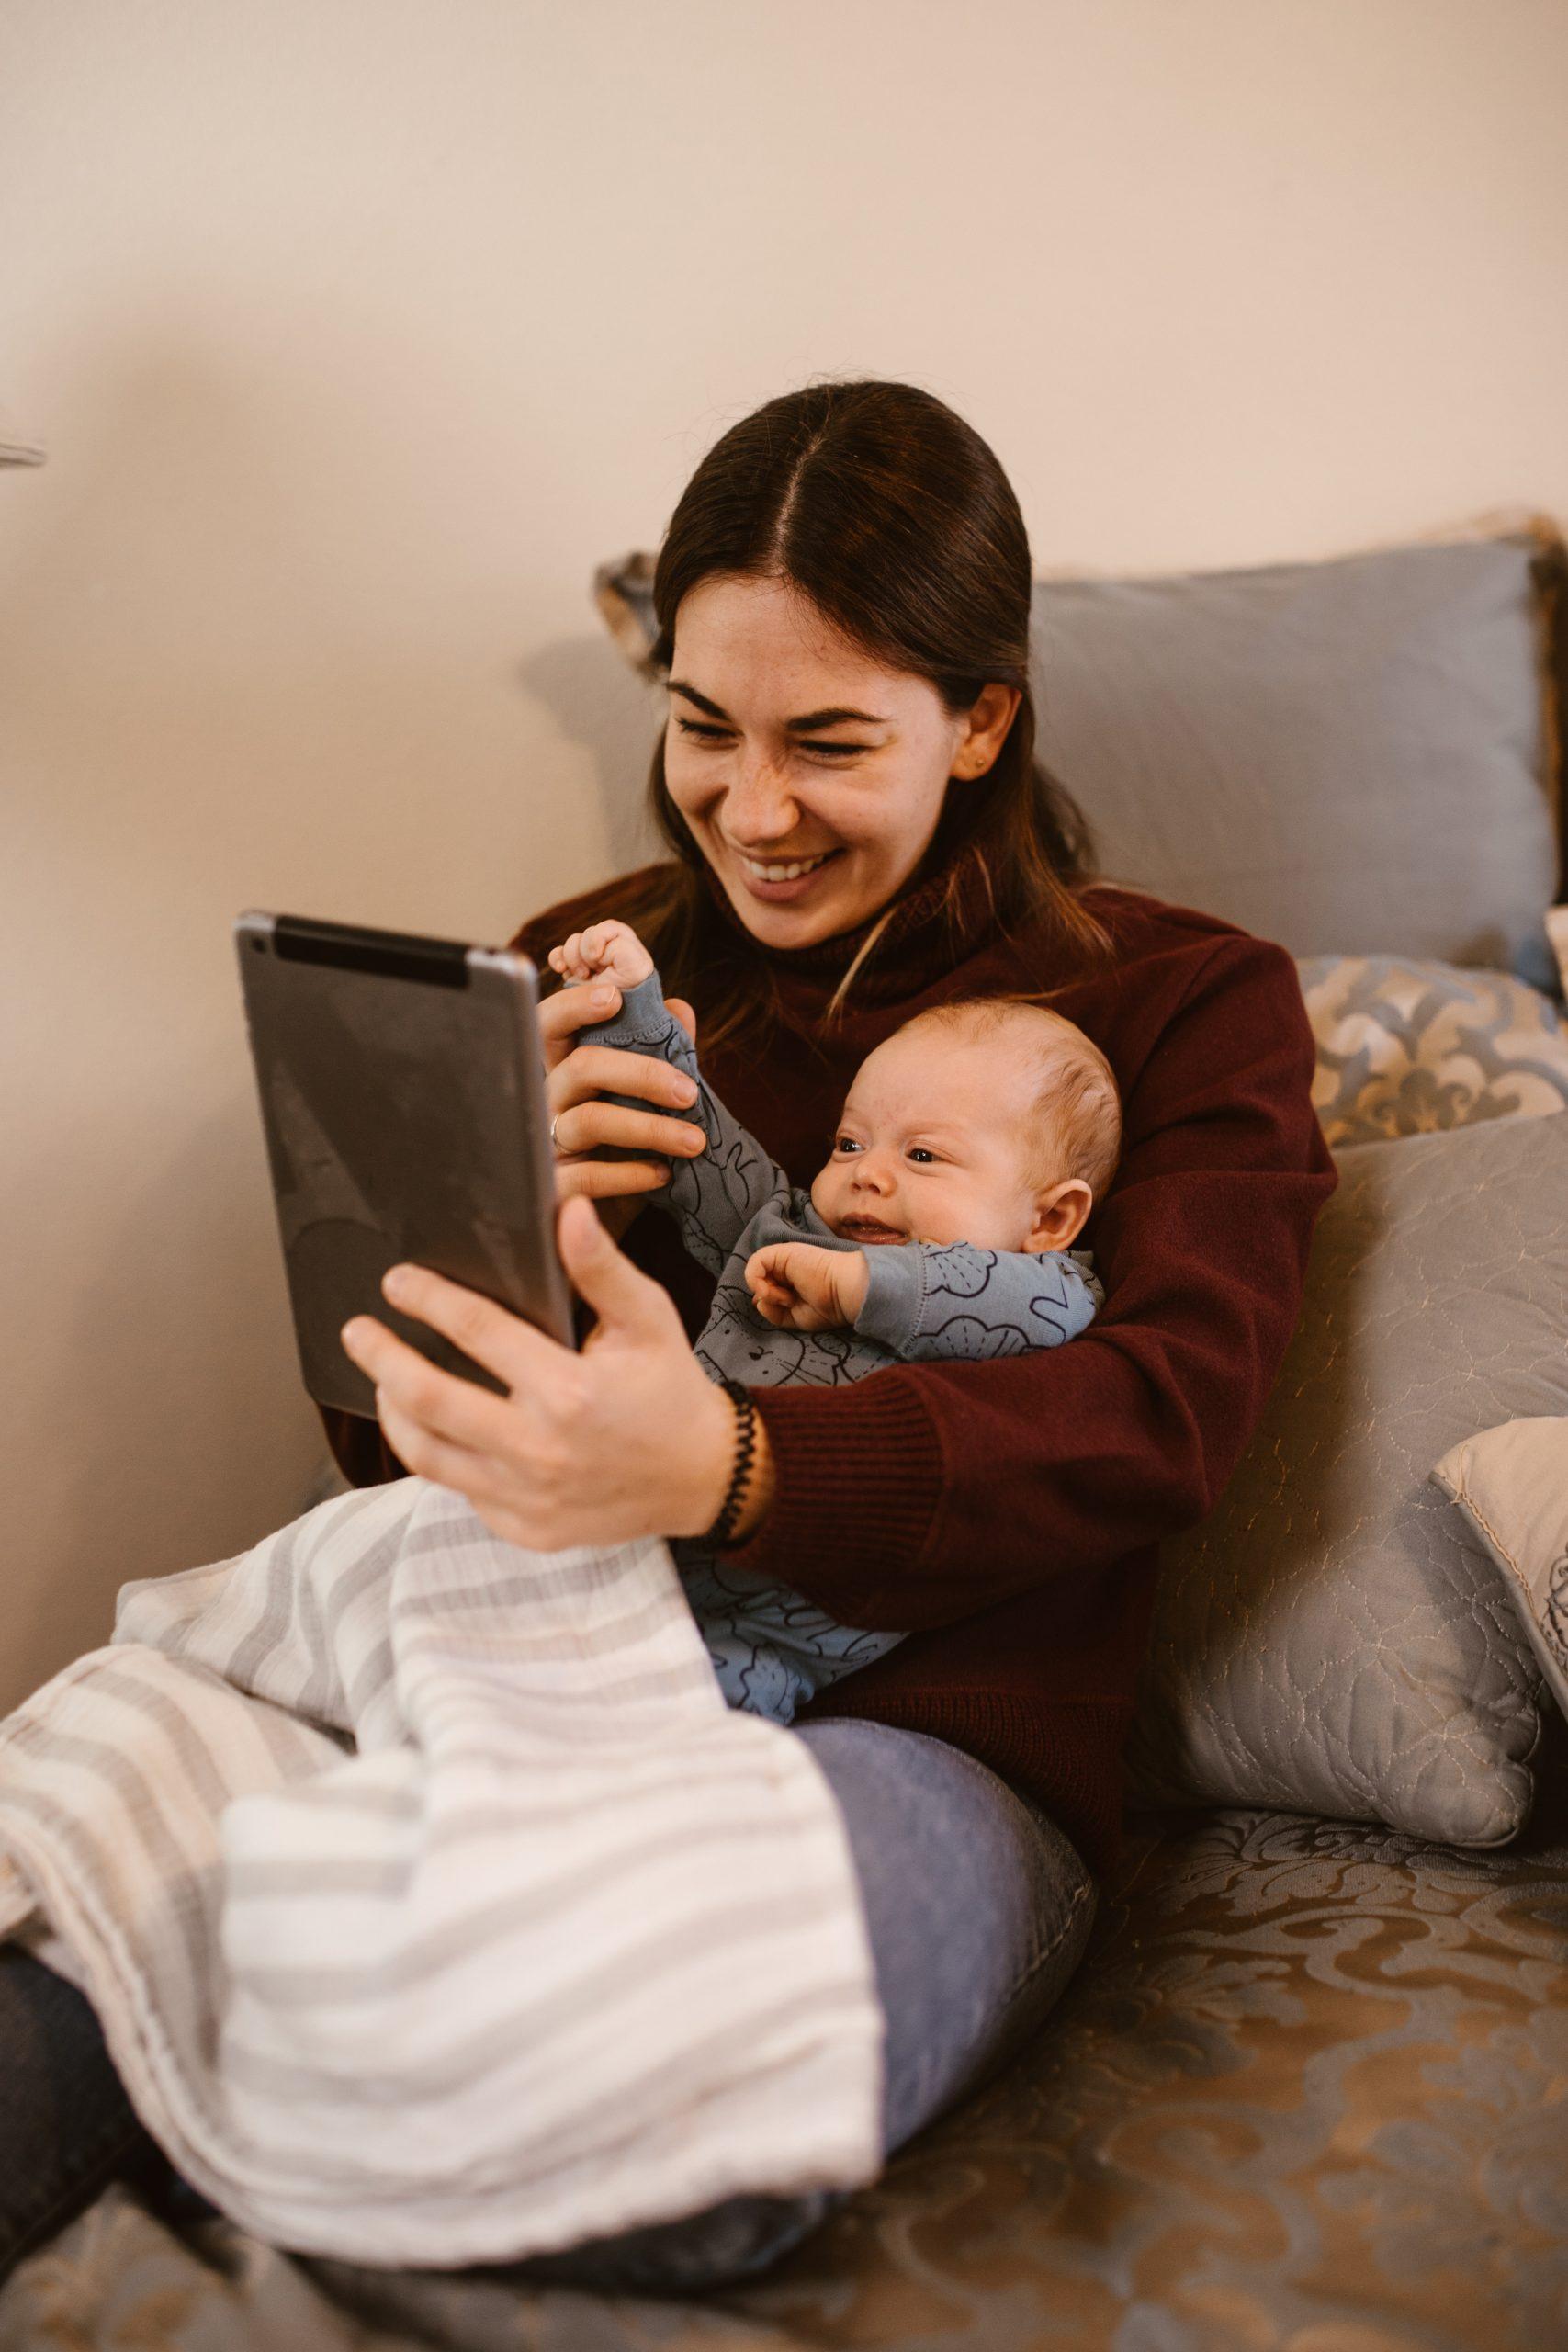 Jakie są zalety czytania książek online dla dzieci?